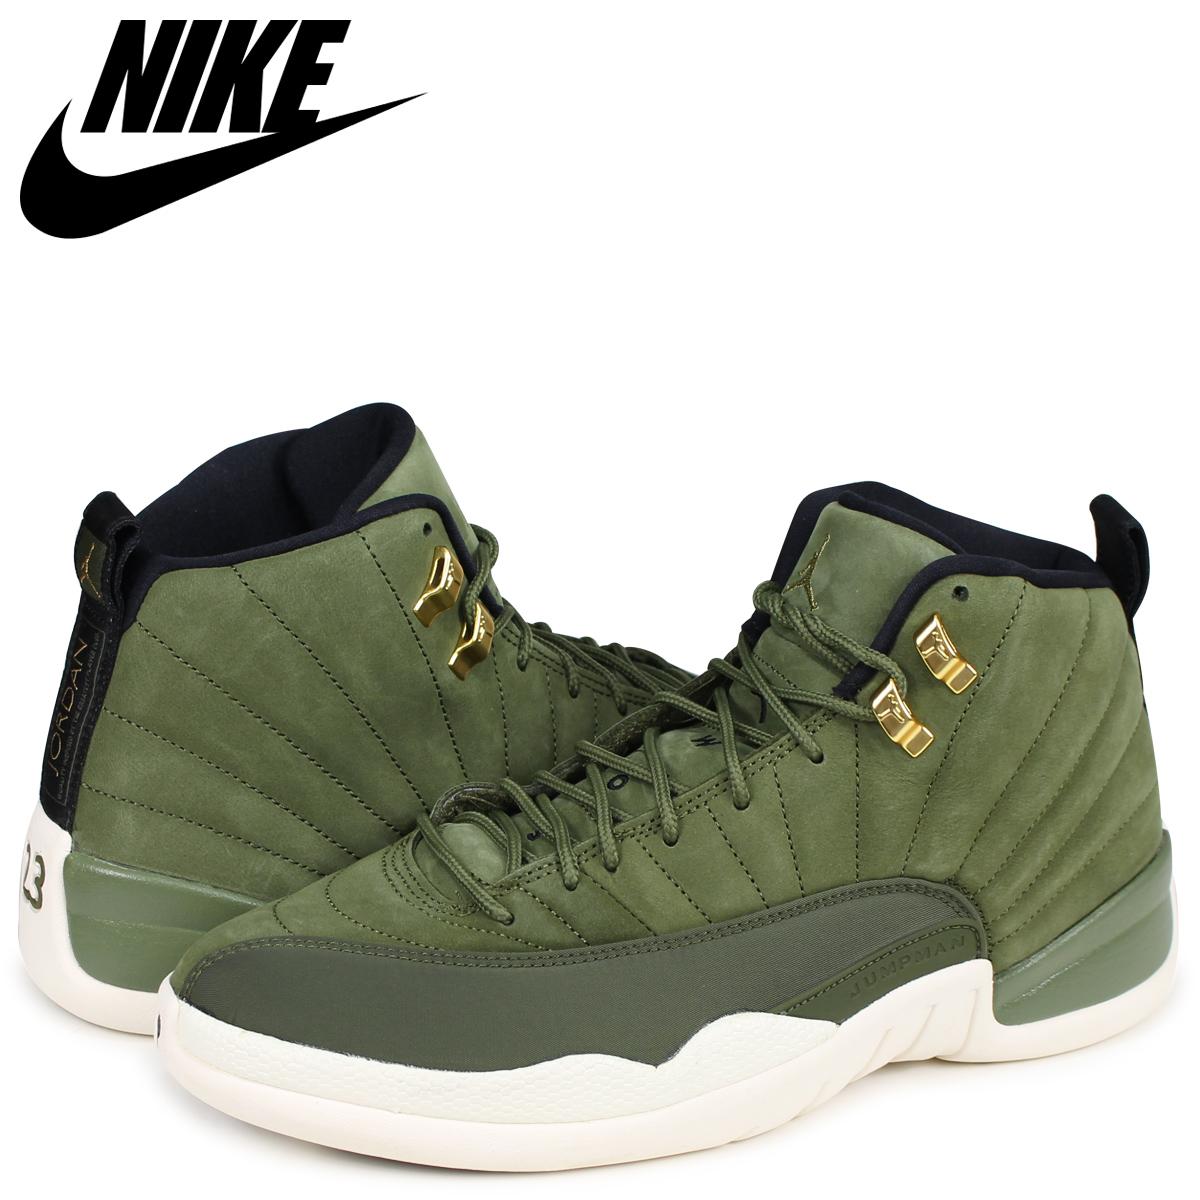 lowest price f9cea 43e6e NIKE Nike Air Jordan 12 nostalgic sneakers men AIR JORDAN 12 RETRO  130,690-301 olive